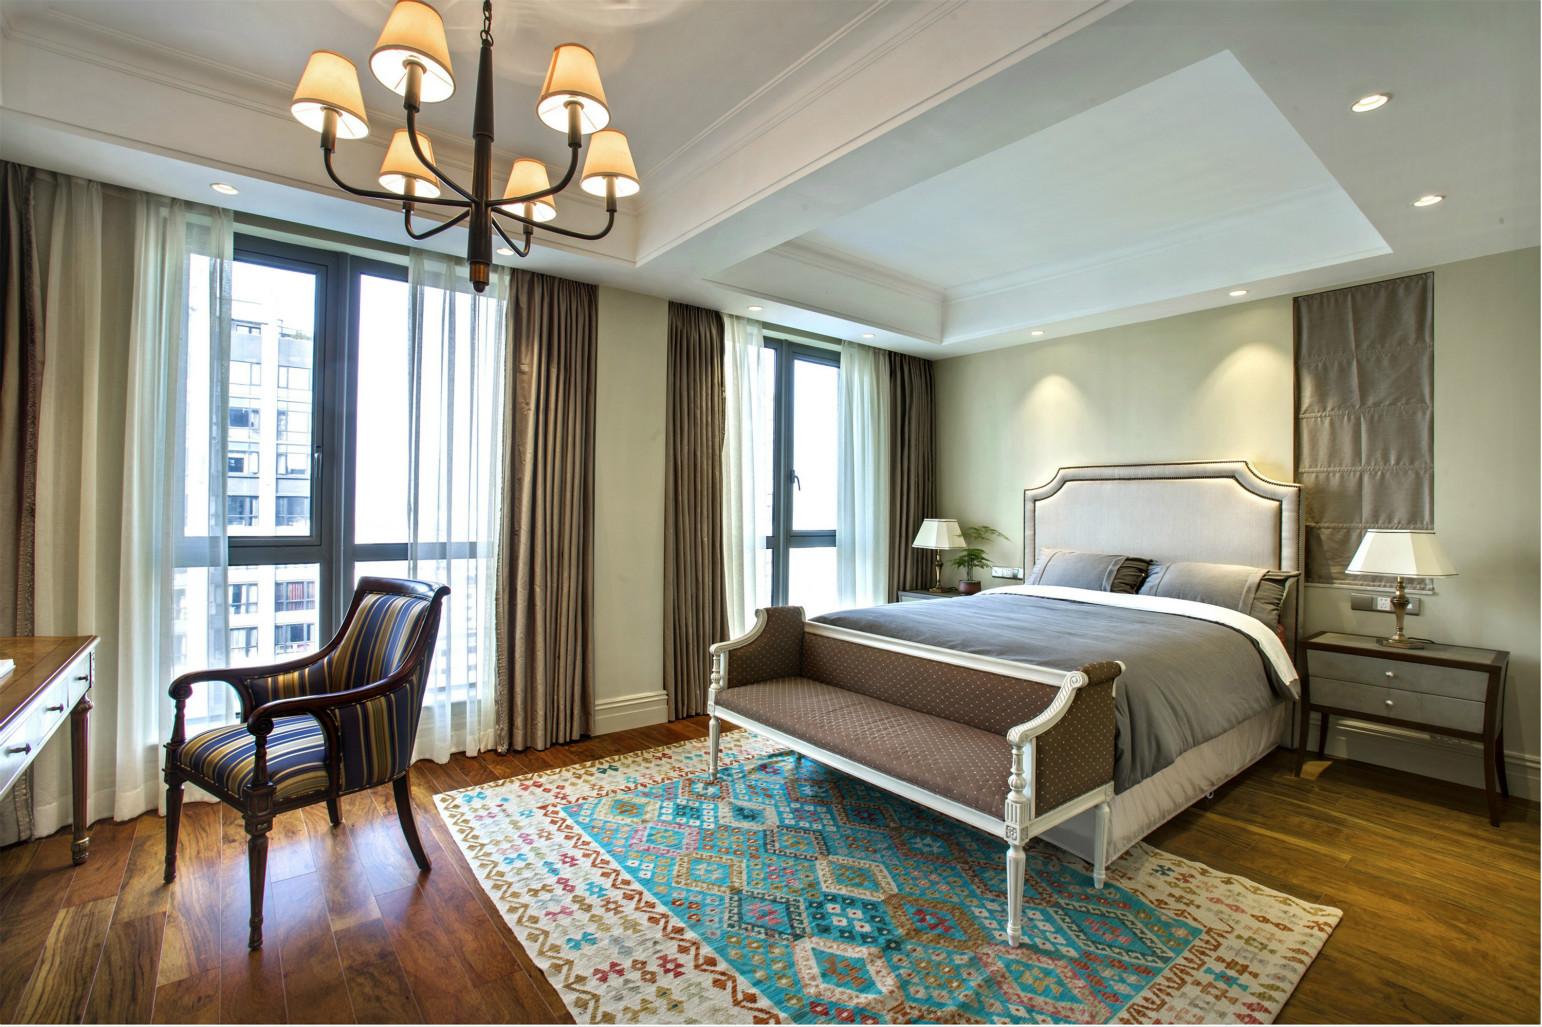 卧室给人宁静,舒适的感受。主卧的大面完全满足日常生活需求。